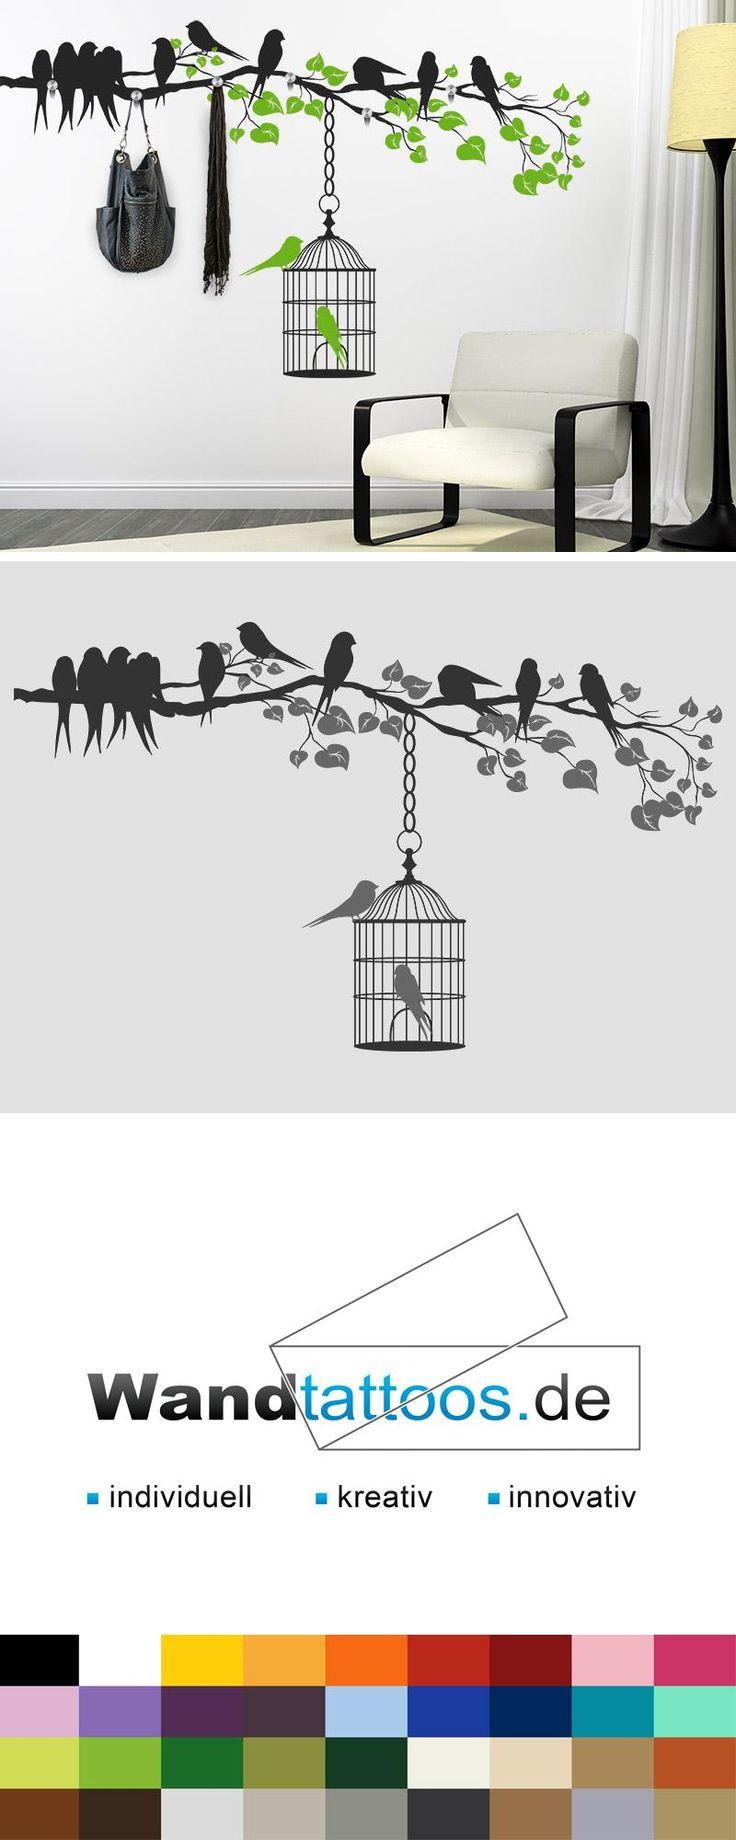 Wandtattoo Garderobe Ast mit Vogelkäfig als Idee zur individuellen Wandgestaltung. Einfach Lieblingsfarbe und Größe auswählen. Weitere kreative Anregungen von Wandtattoos.de hier entdecken!